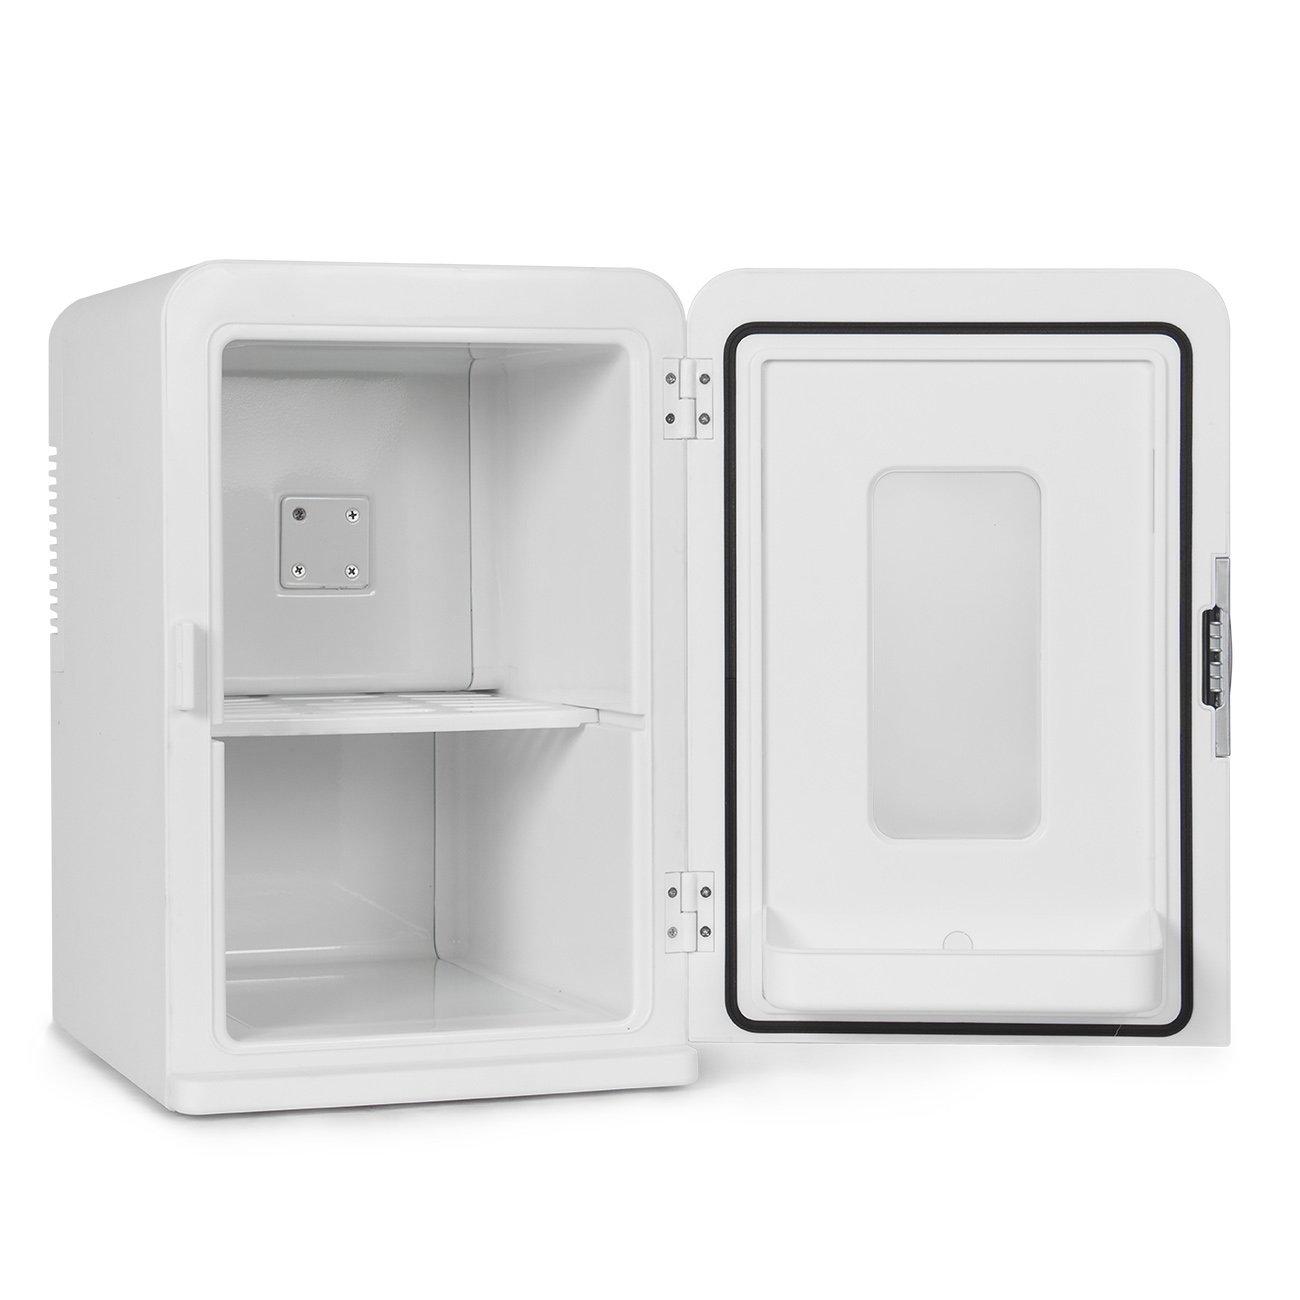 Della Portable Mini Fridge Camper RV Dorn Home Office Boat, LCD Cooler and Warmer 15L -White by DELLA (Image #3)